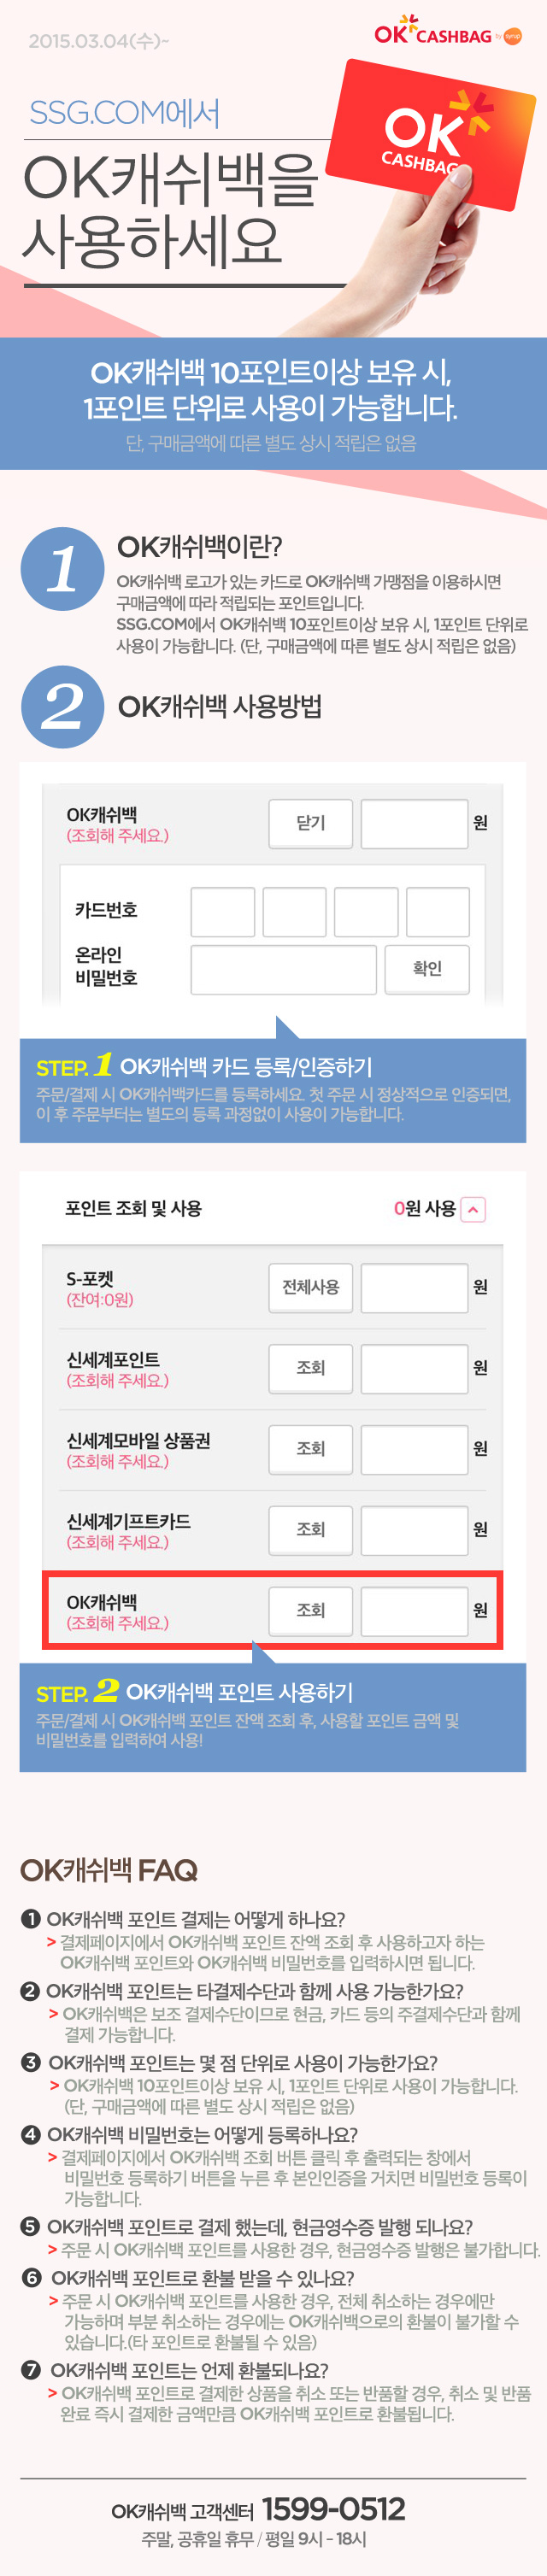 OK캐쉬백, 이제 SSG.COM에서 사용하세요!